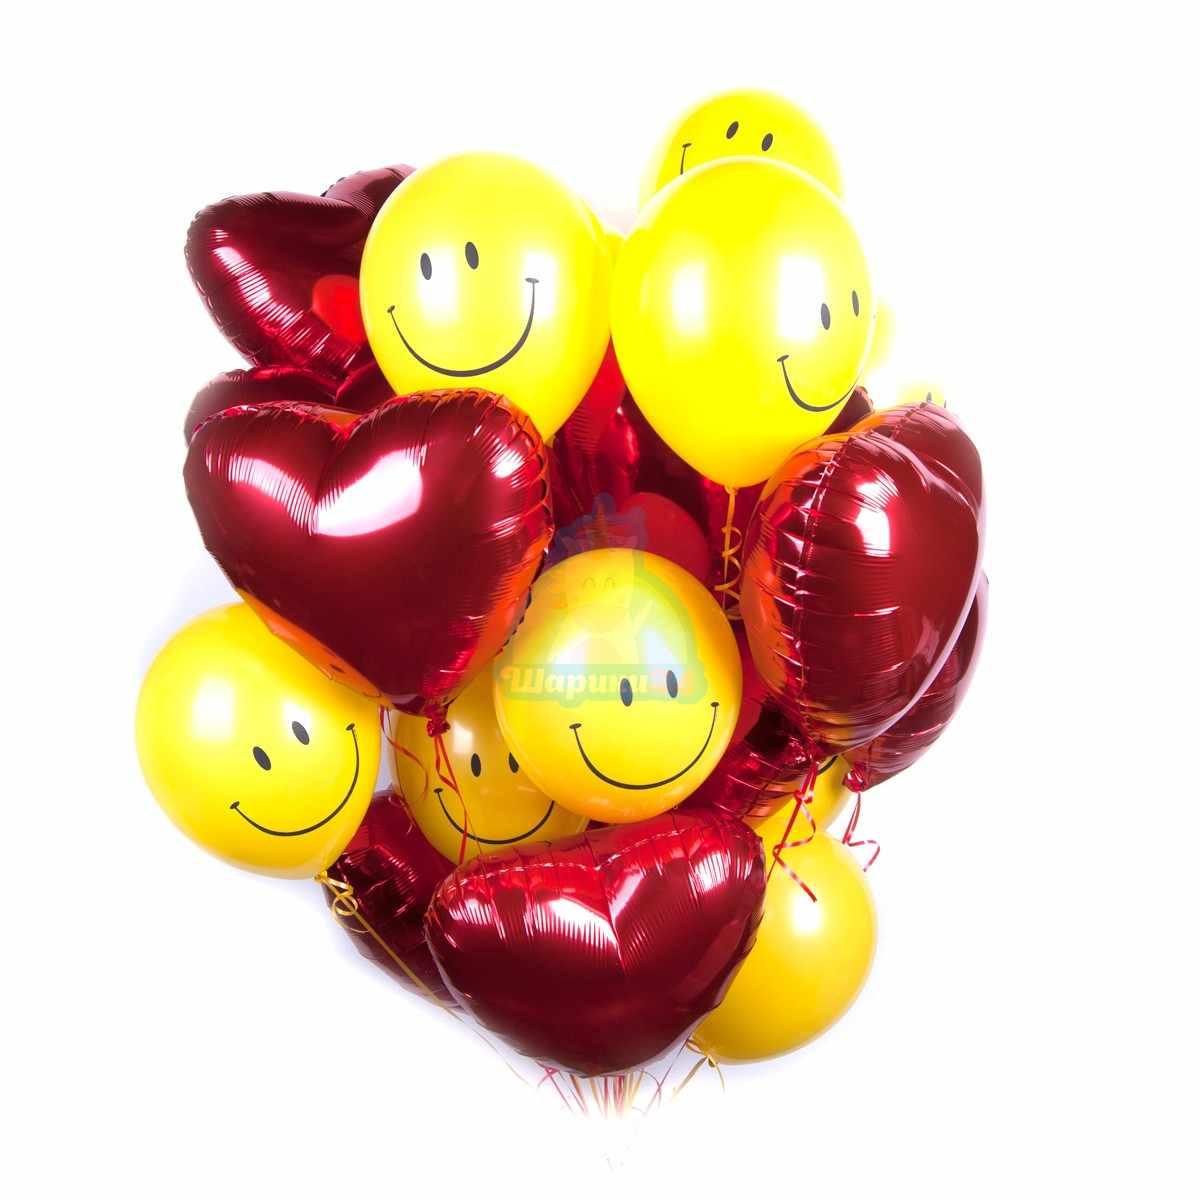 Облако красных сердец со смайлами фото в интернет-магазине Шарики 24